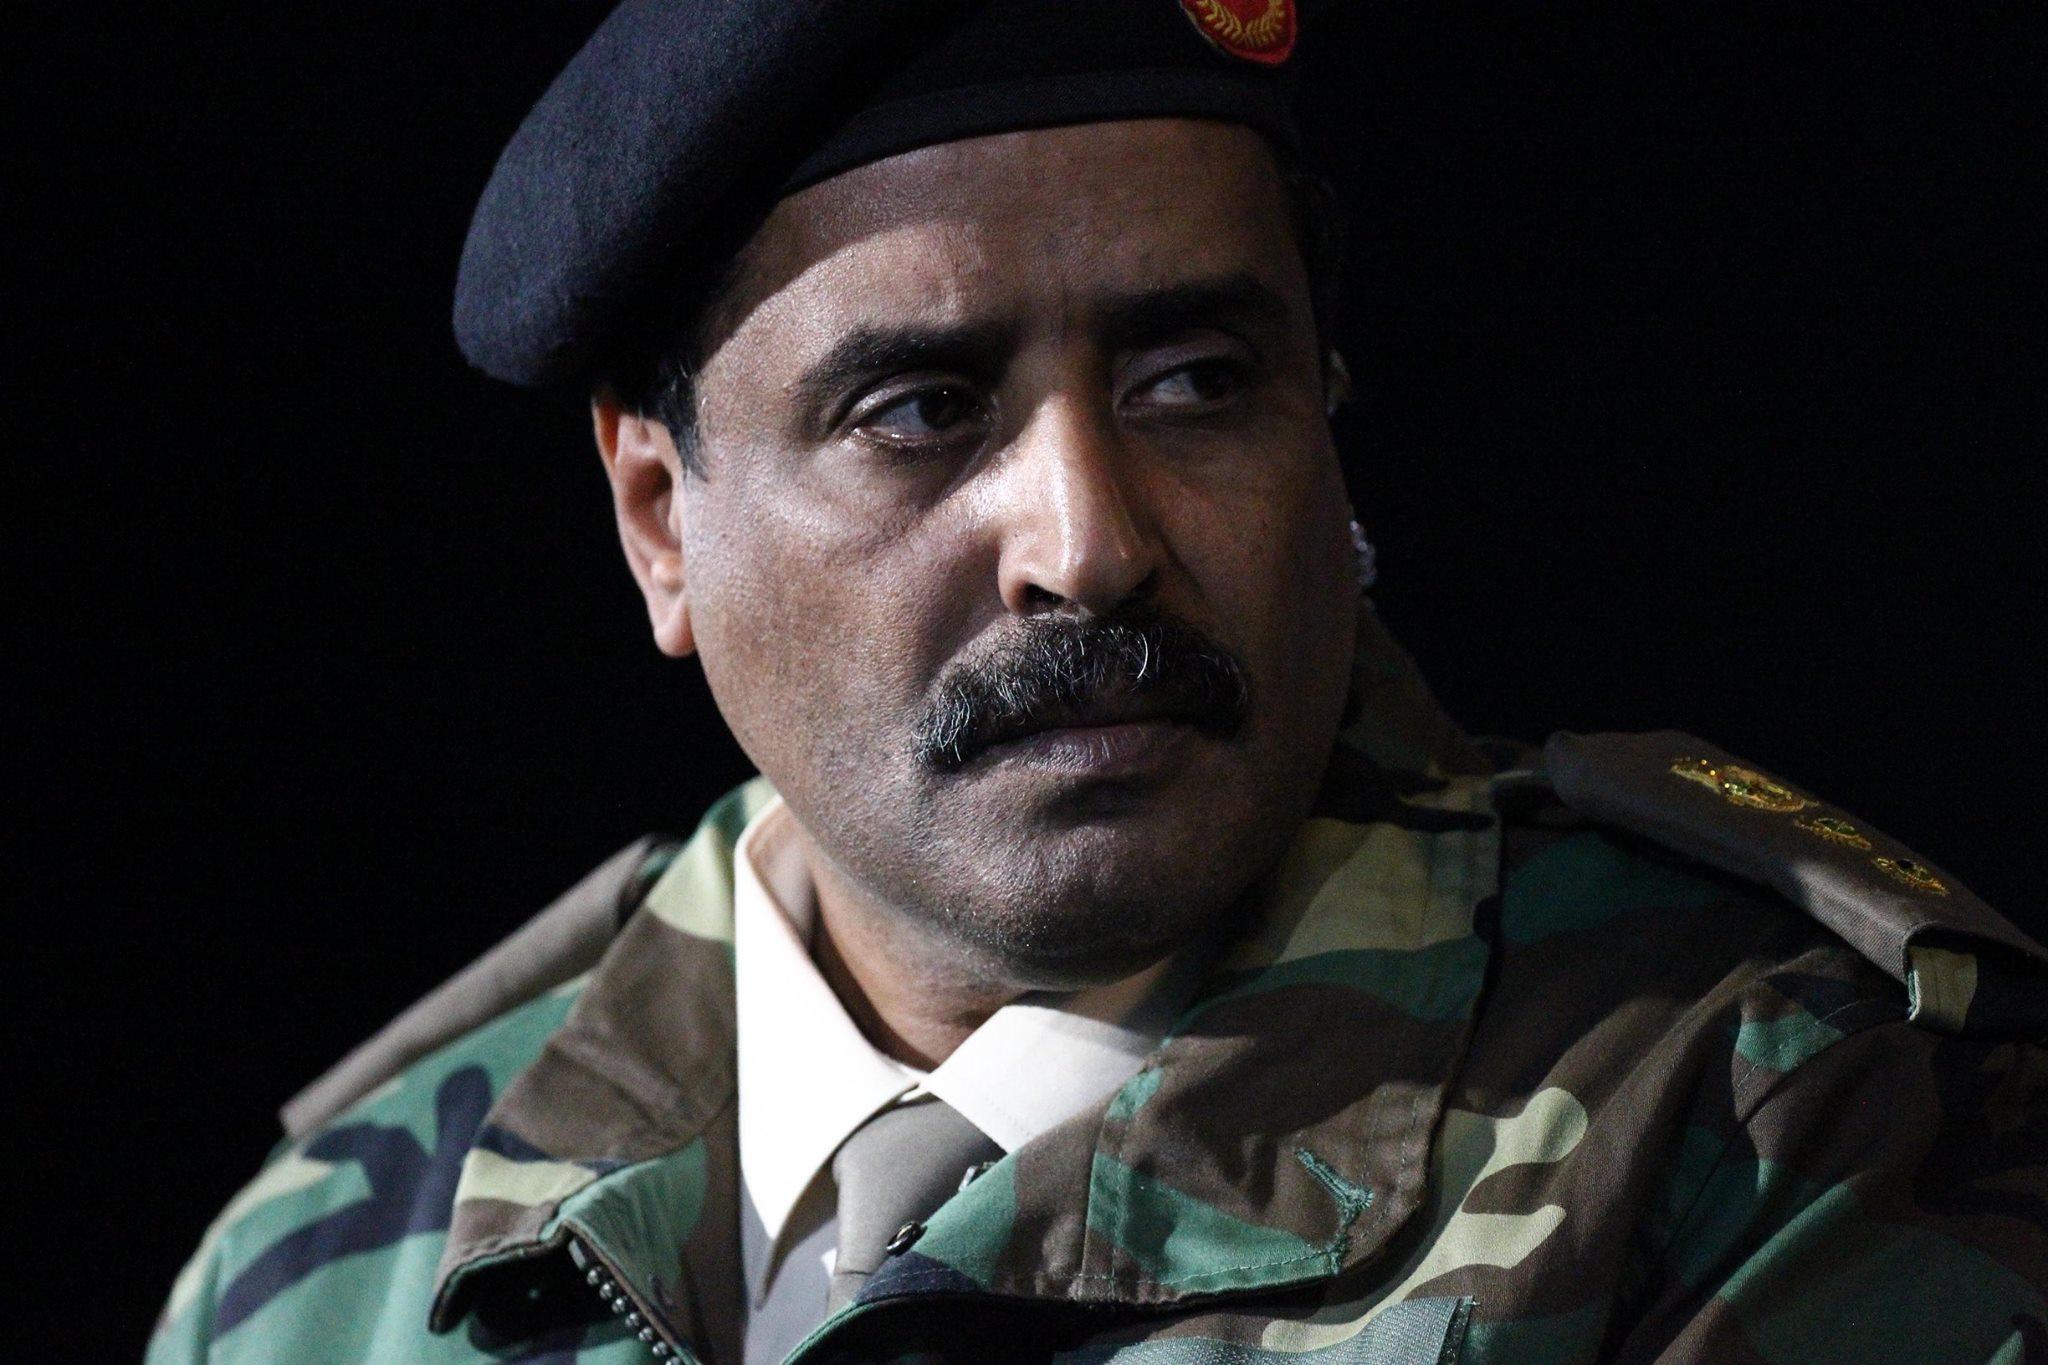 الناطق باسم الجيش الوطني العقيد أحمد المسماري